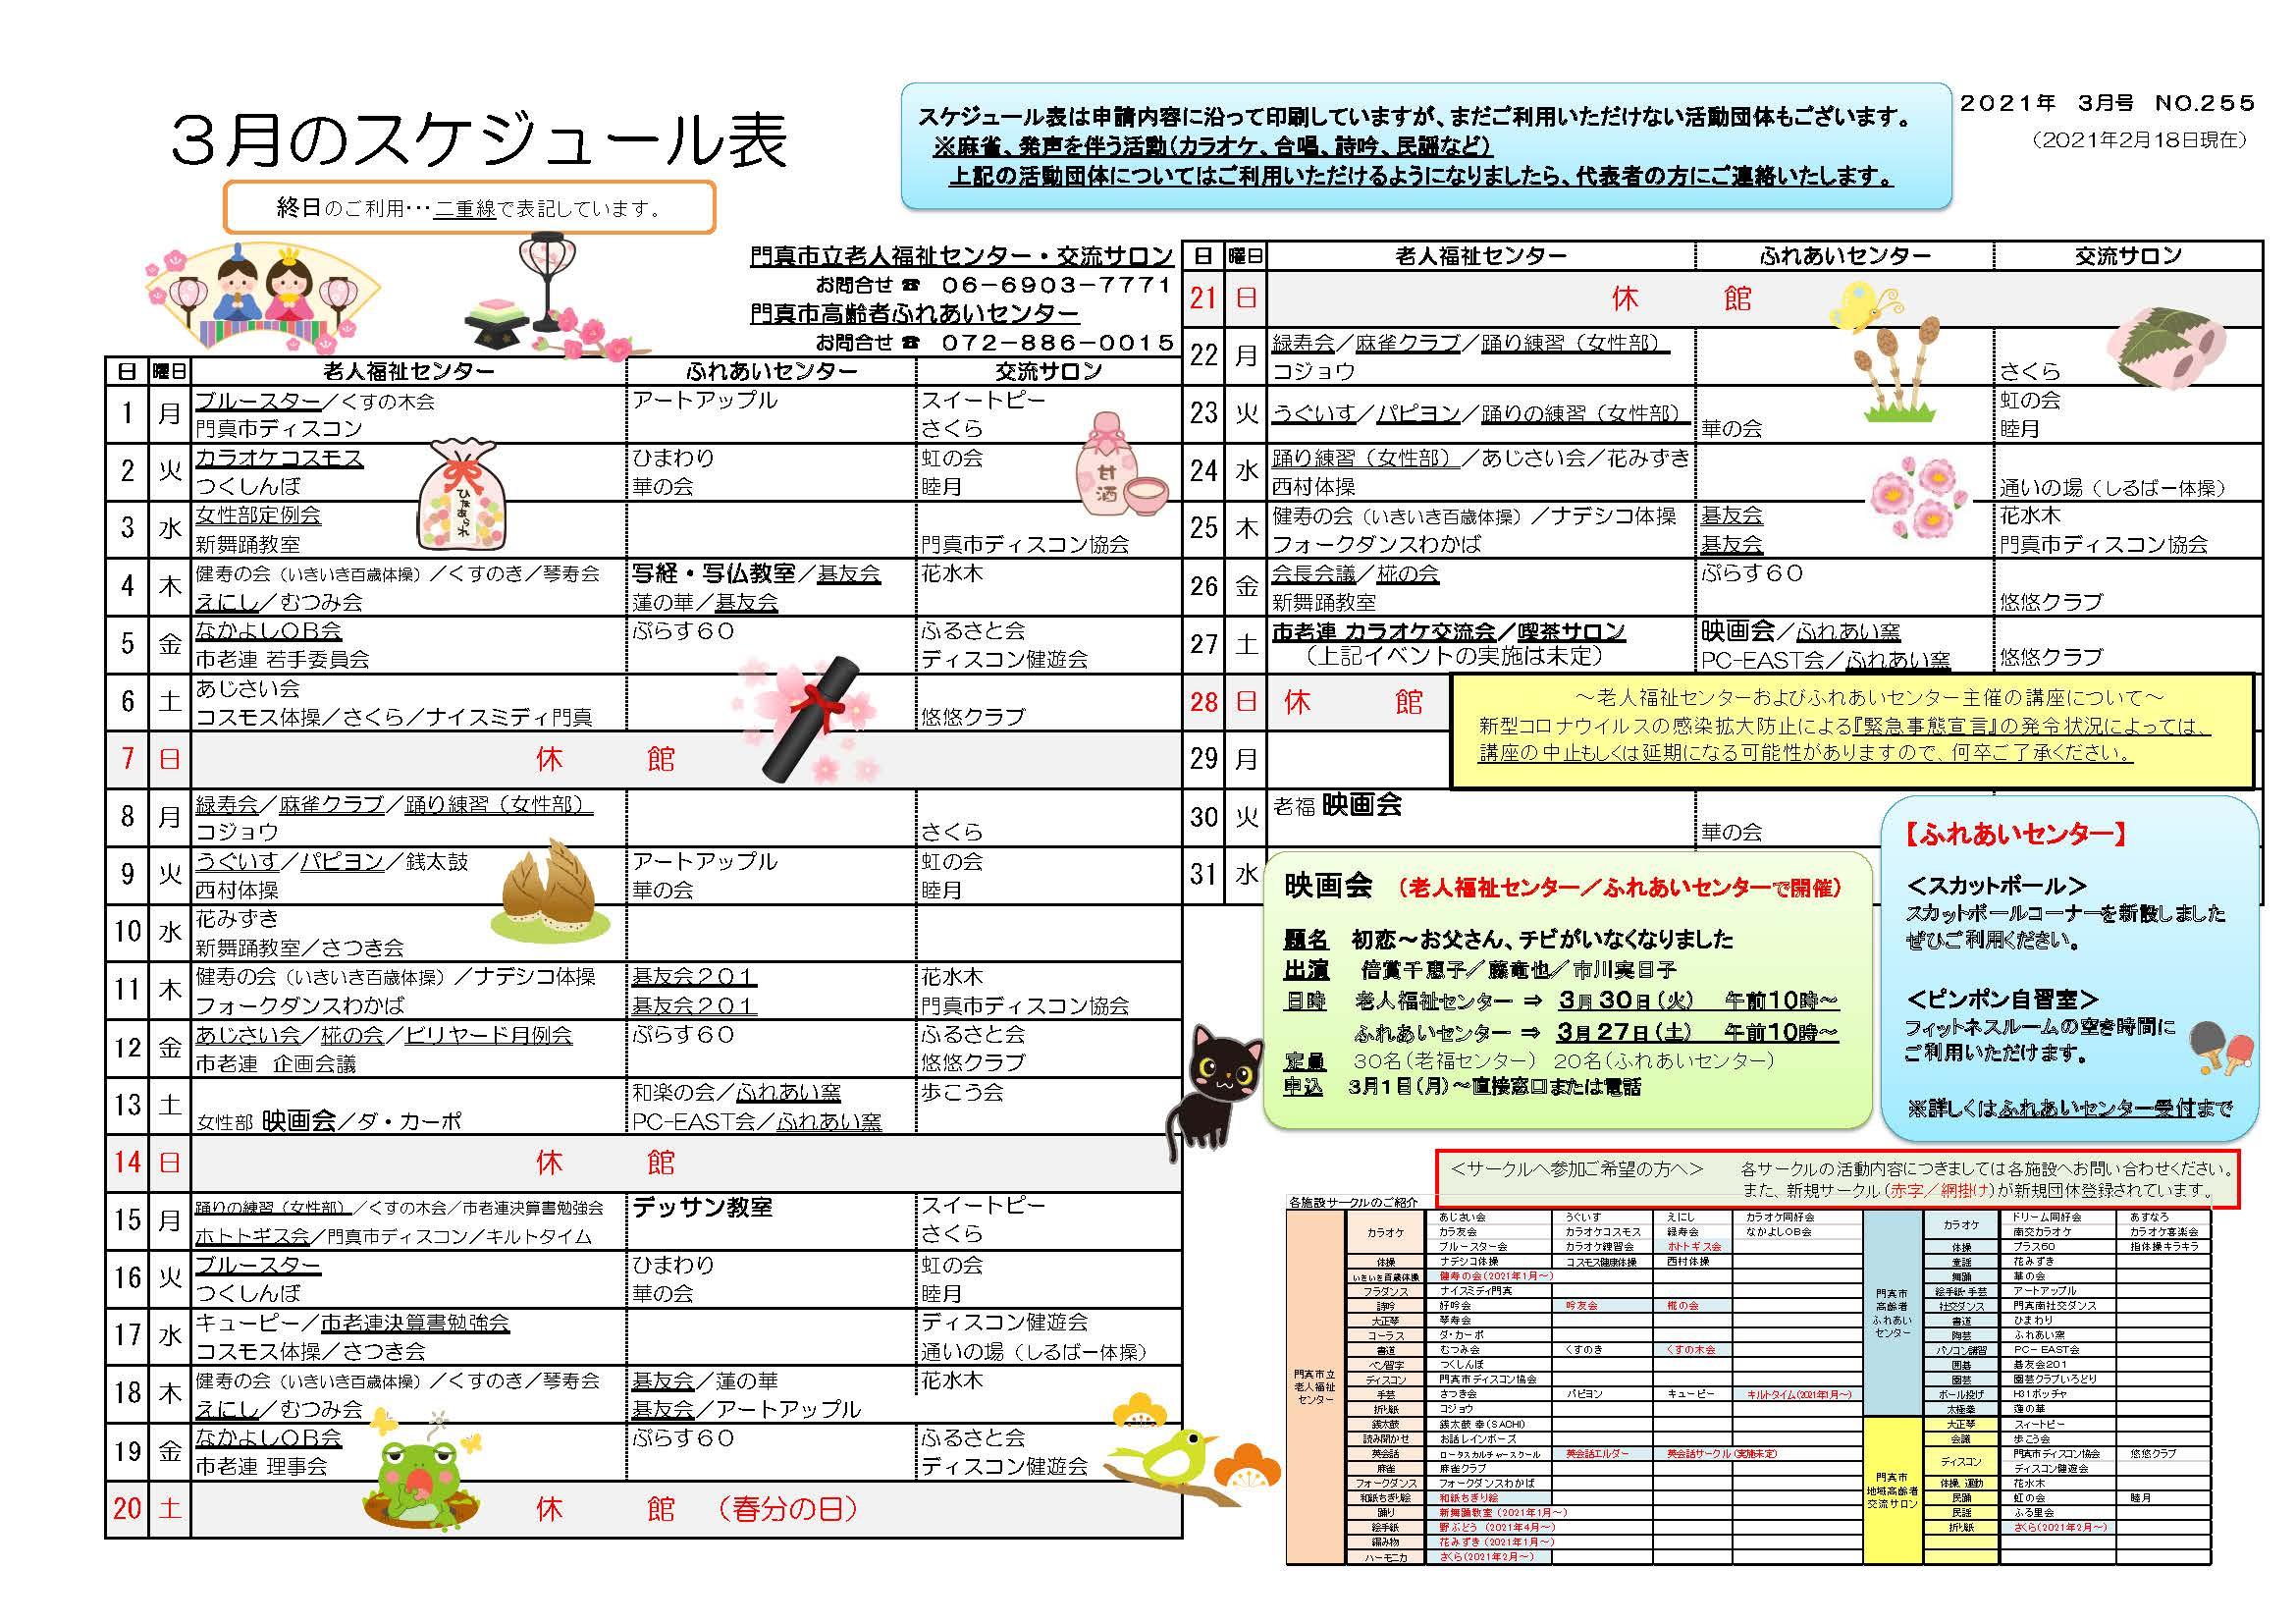 202102スケジュール表